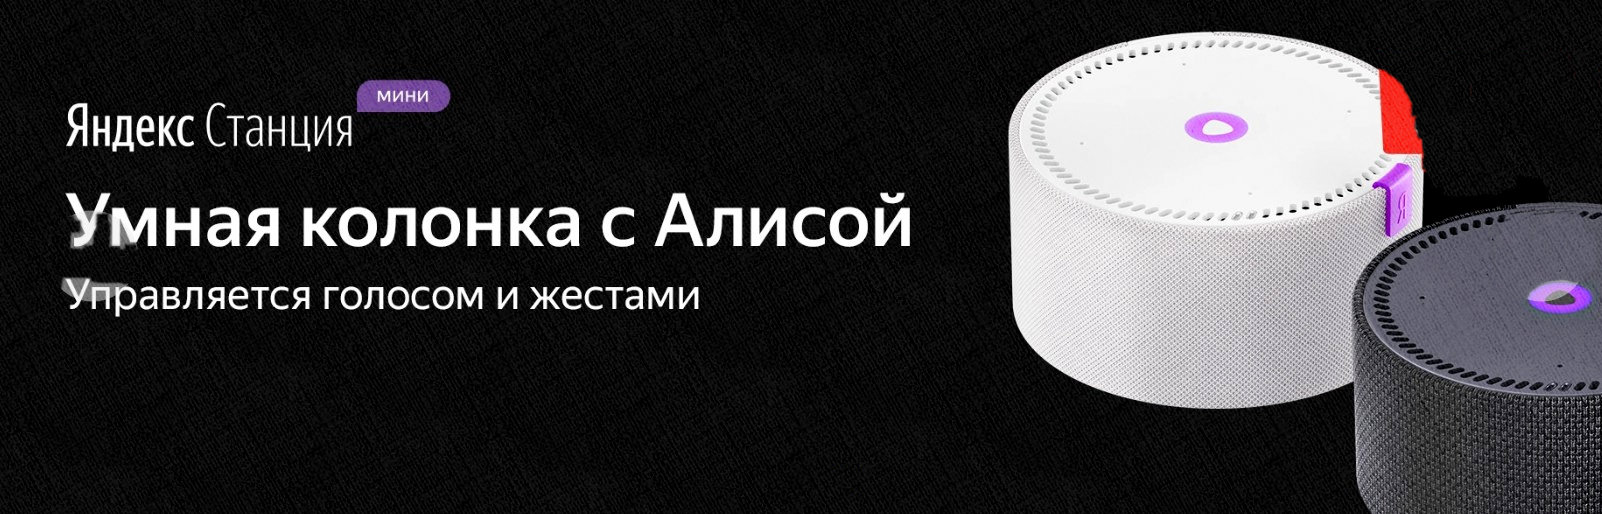 Умная колонка Яндекс Мини